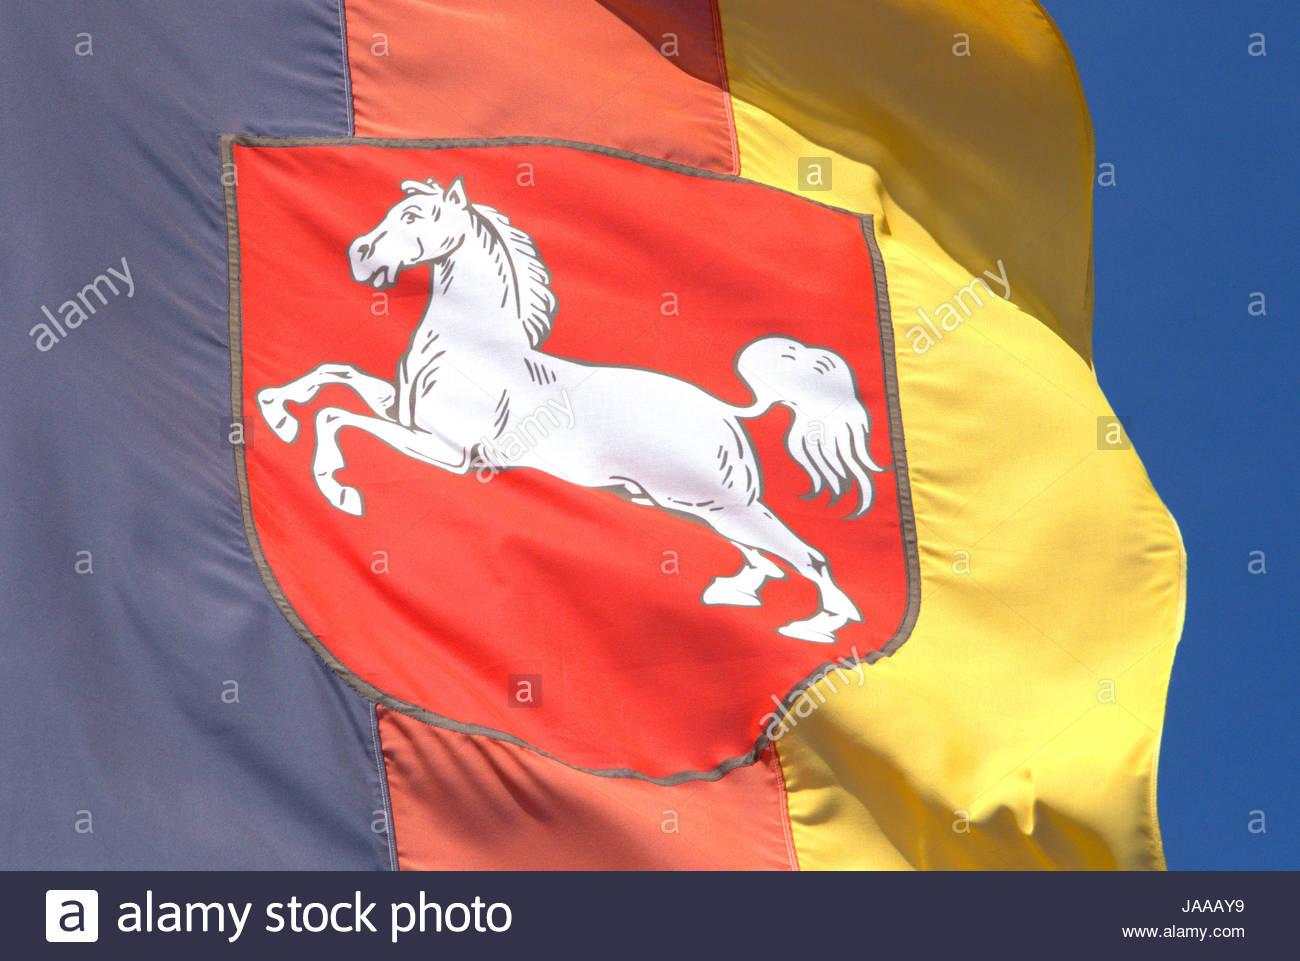 Niedersachsen - Ausschnitt der Landesflagge Mit Wappen von der Sonne Angestrahlt Und Im Wind Wehend. Stockbild